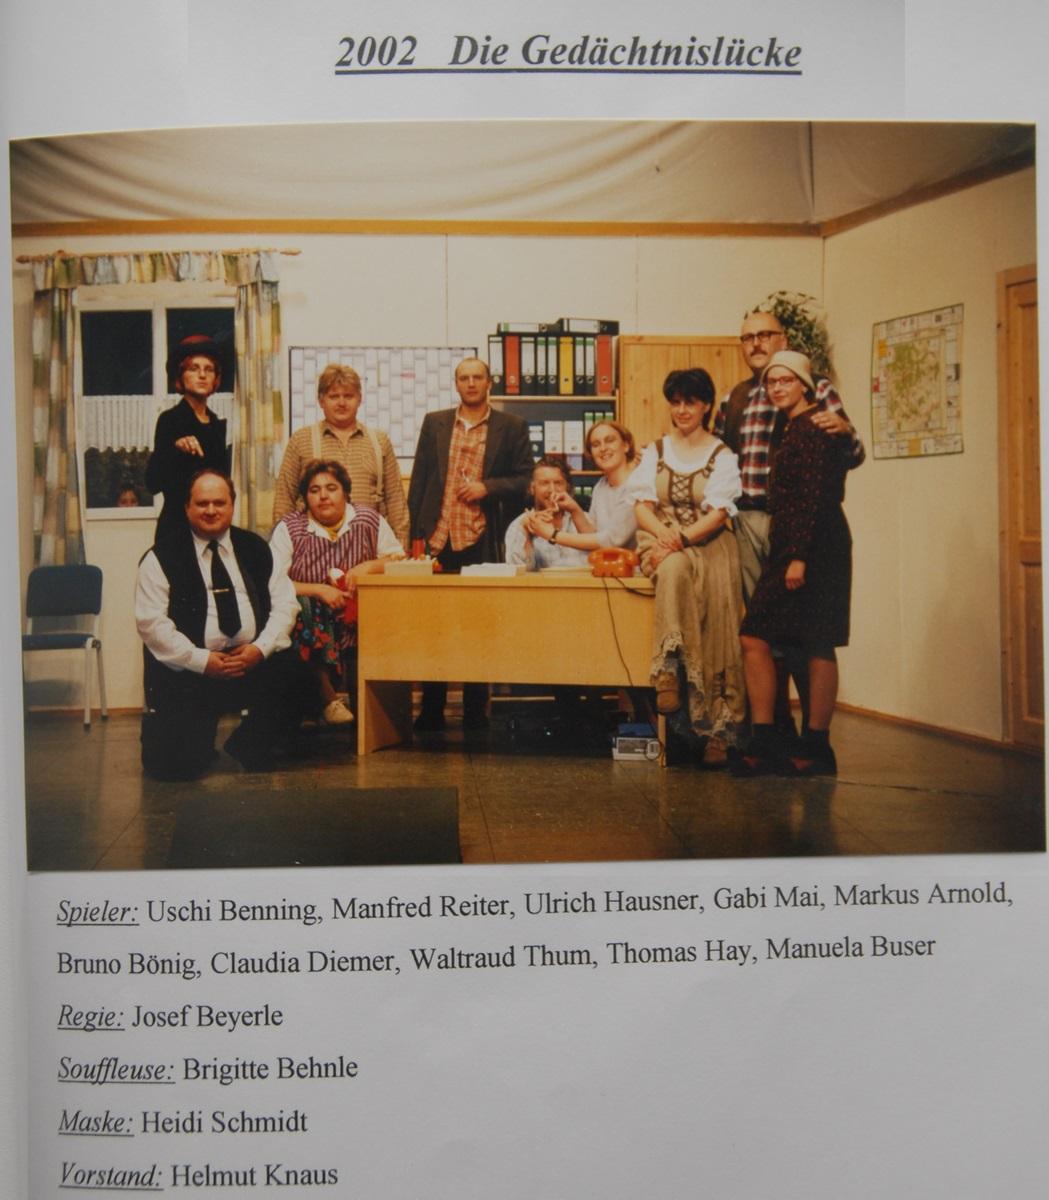 KSC-Theater-2002-Die-Gedaechtnisluecke